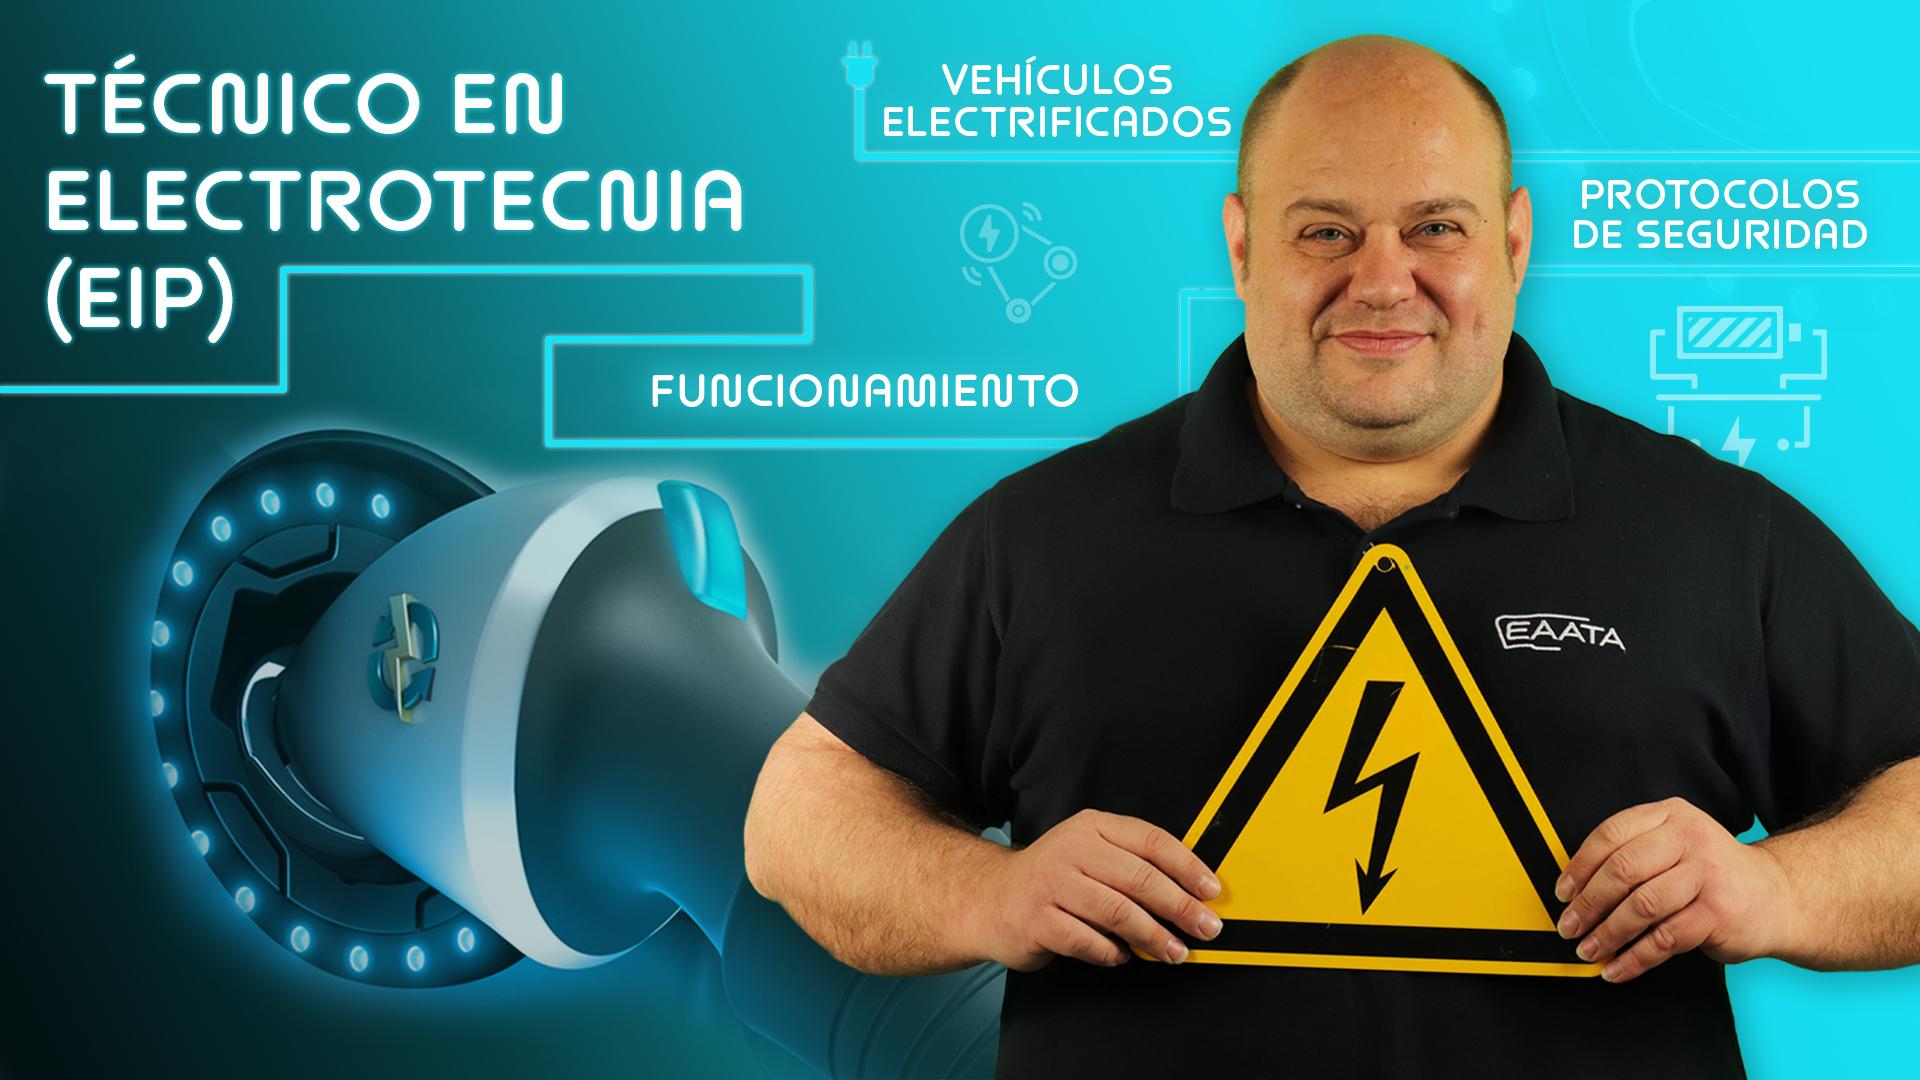 Persona instruida en electrotecnia y vehículos eléctricos (EIP) course image